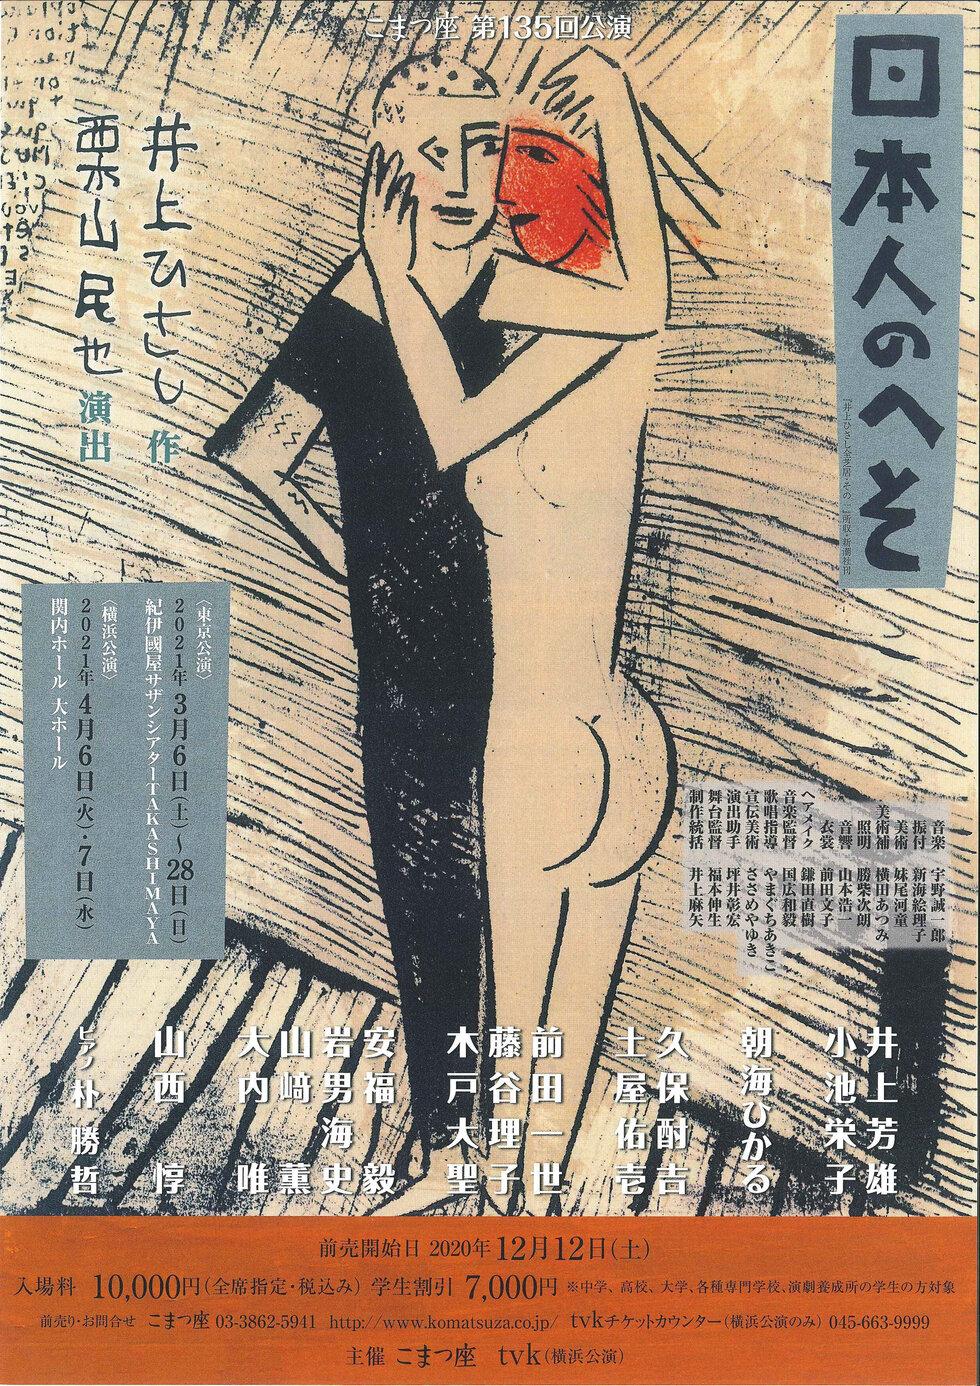 こまつ座 第135回公演『日本人のへそ』 横浜公演の写真